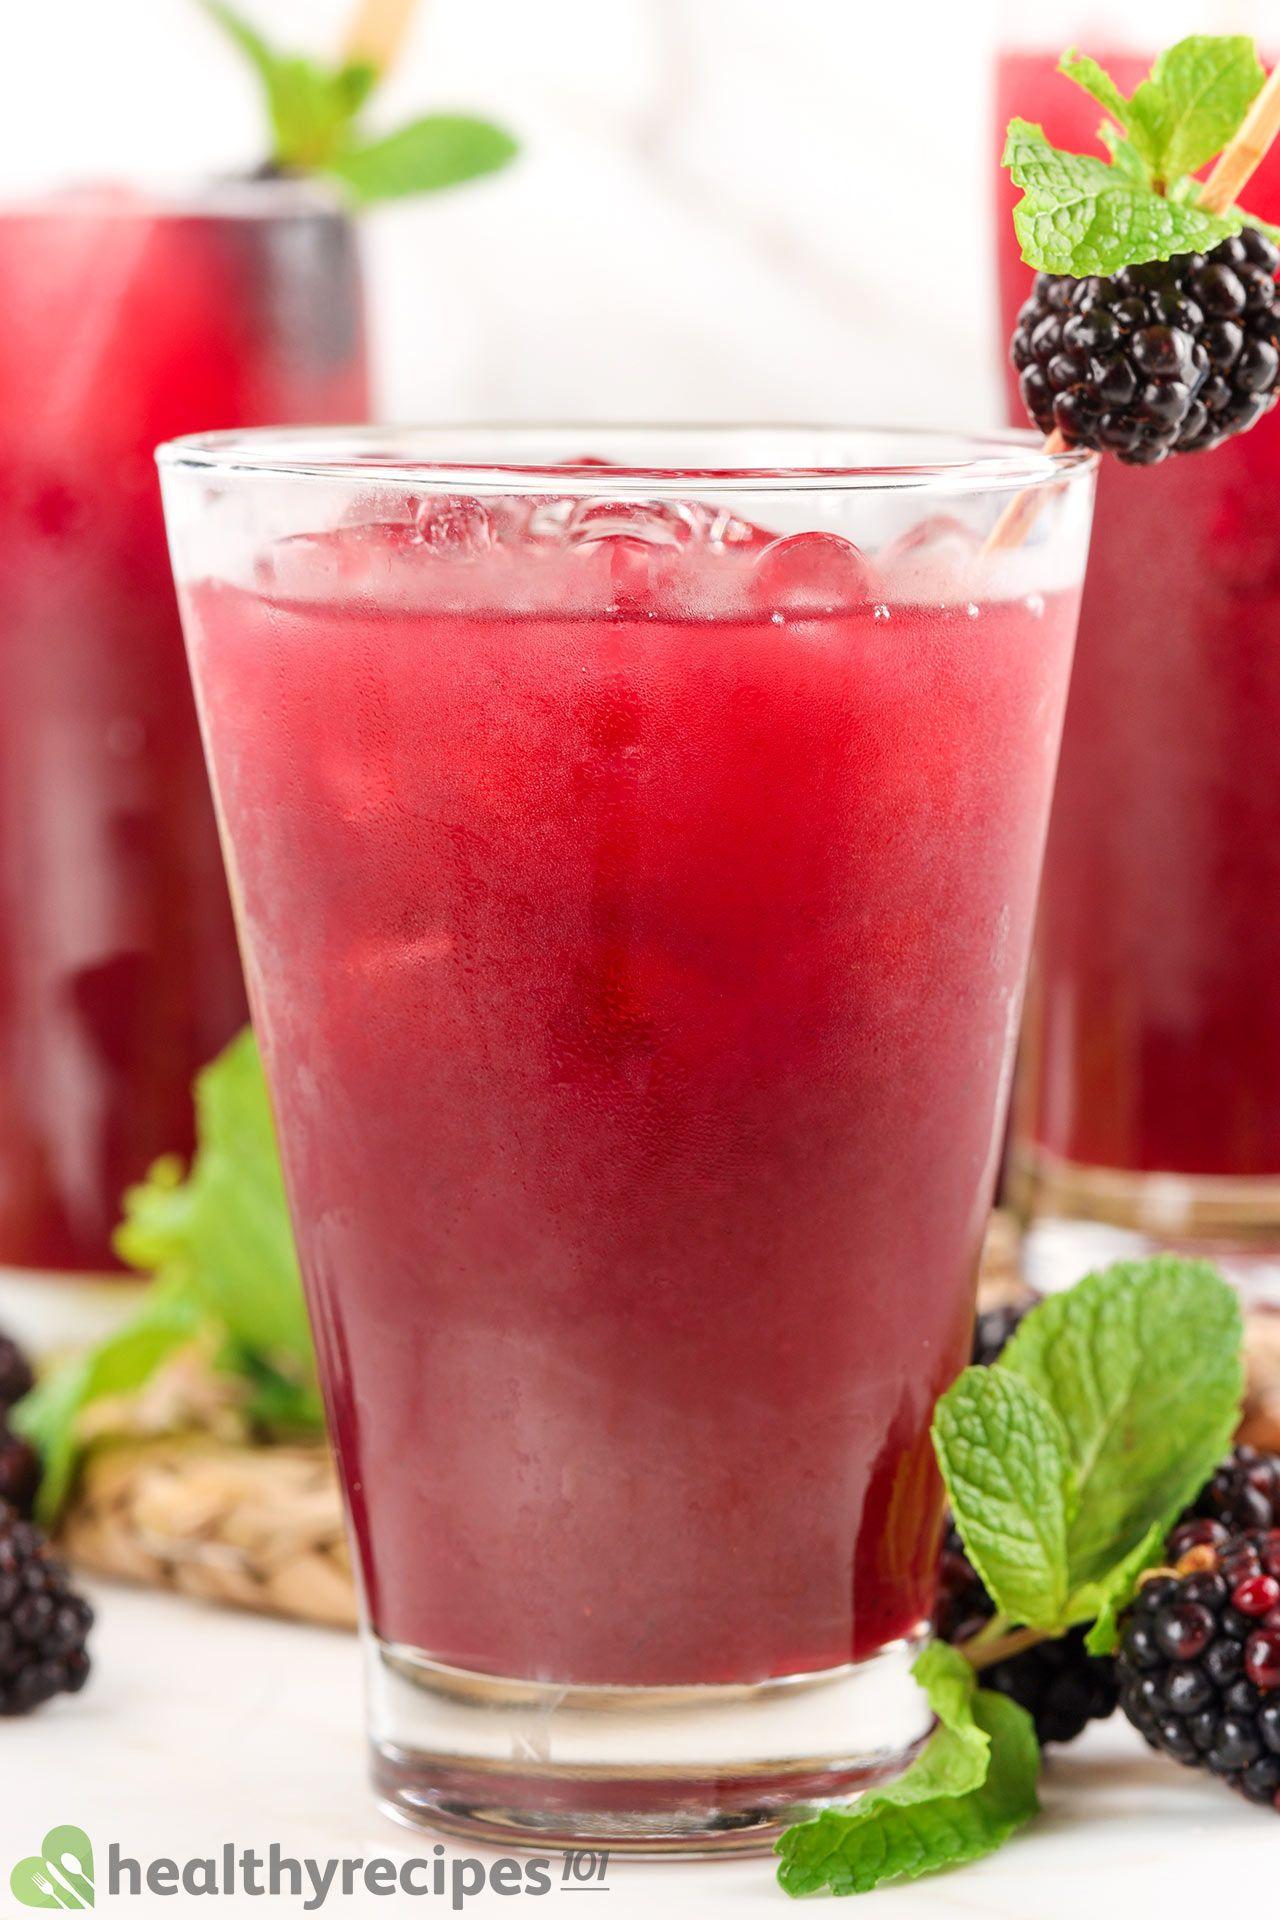 health benefits of blackberry juice